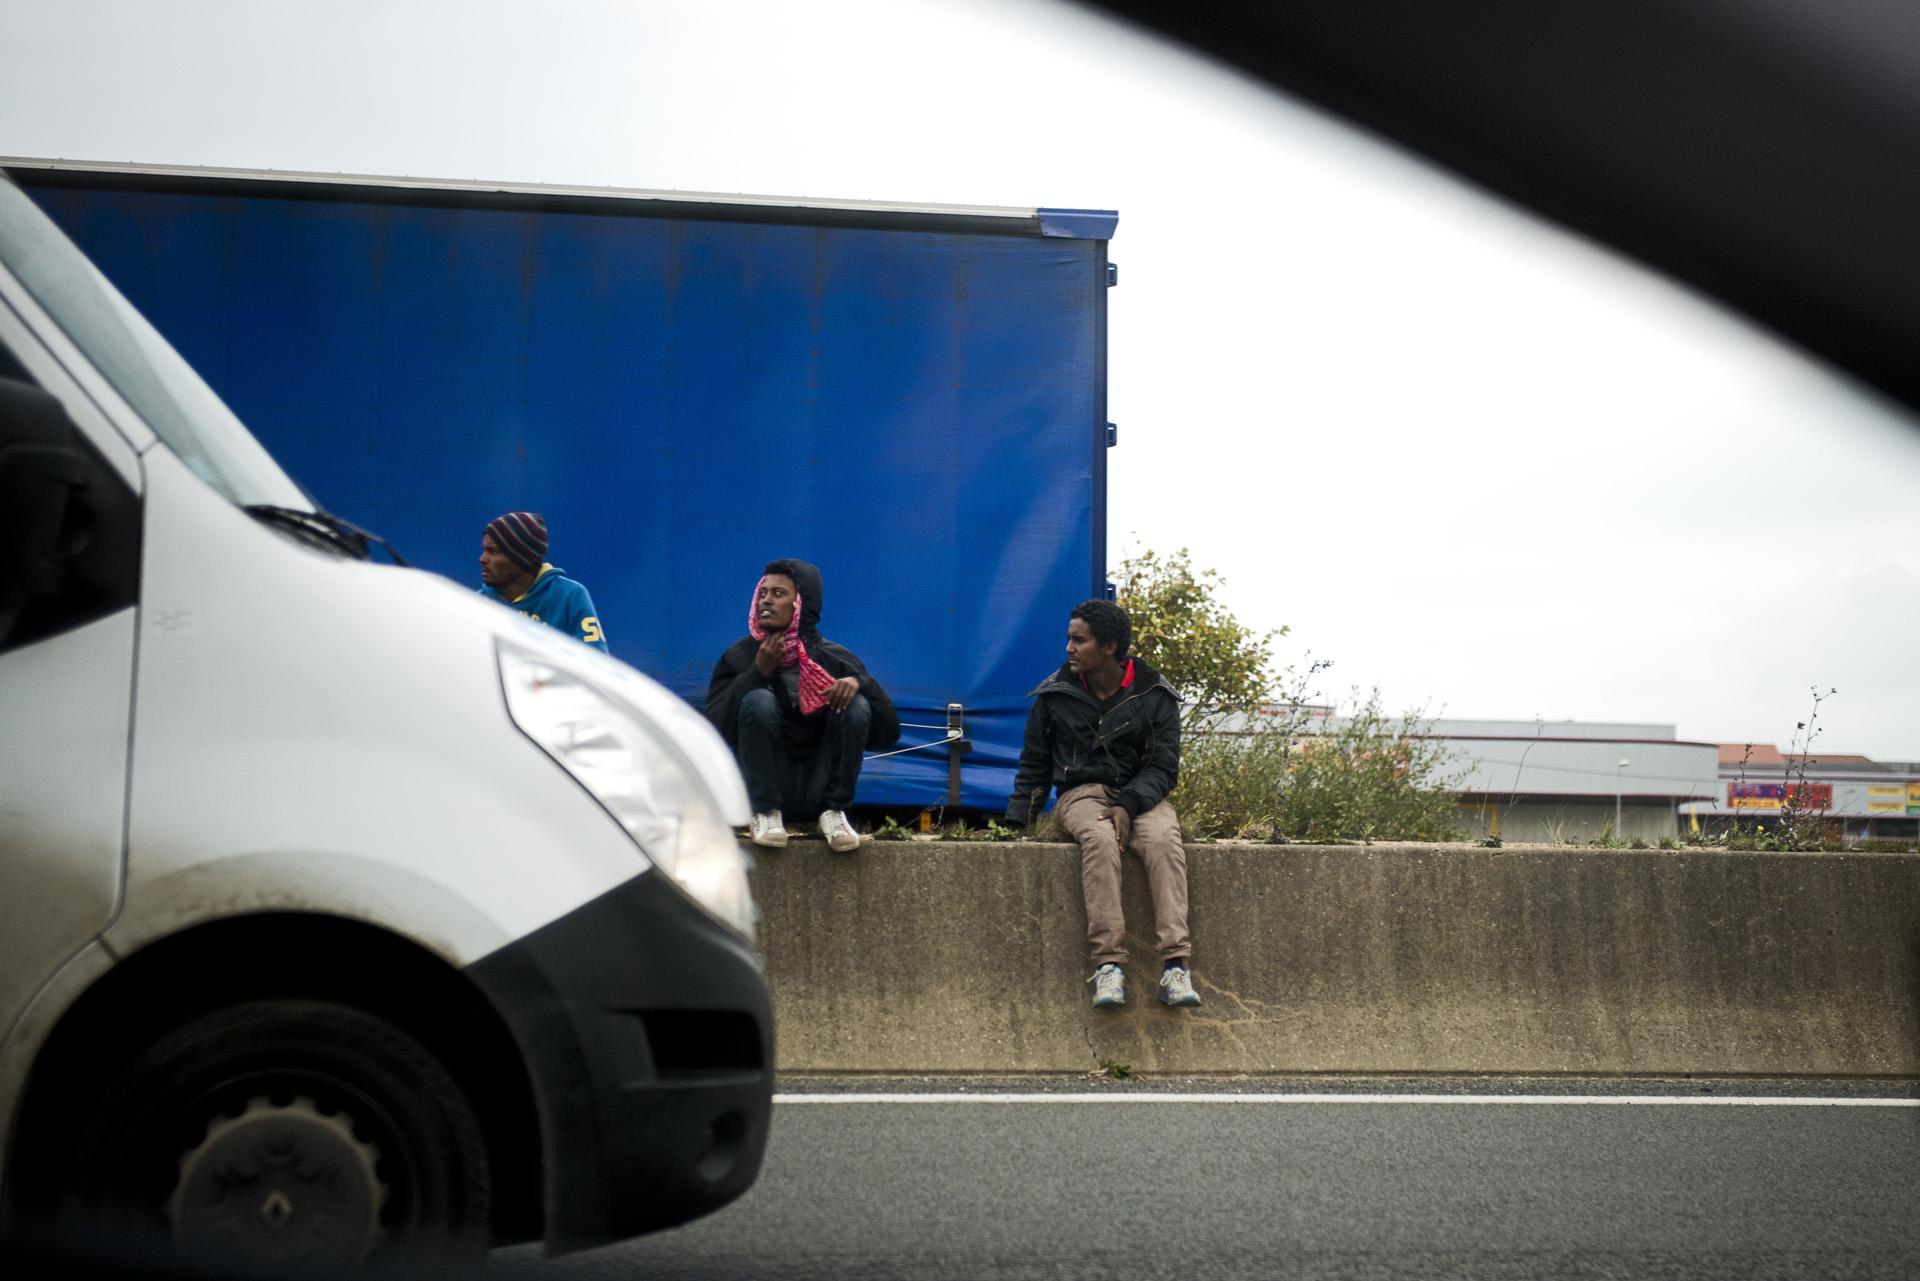 L'autoroute reste un lieu d'attente privilégié pour ceux qui ne peuvent pas payer un passeur. En cas de ralentissement ou d'embouteillage, ils ouvriront une remorque ou se glisseront sous les essieux. Il y a régulièrement des morts parmi ceux qui font ce genre de tentative.